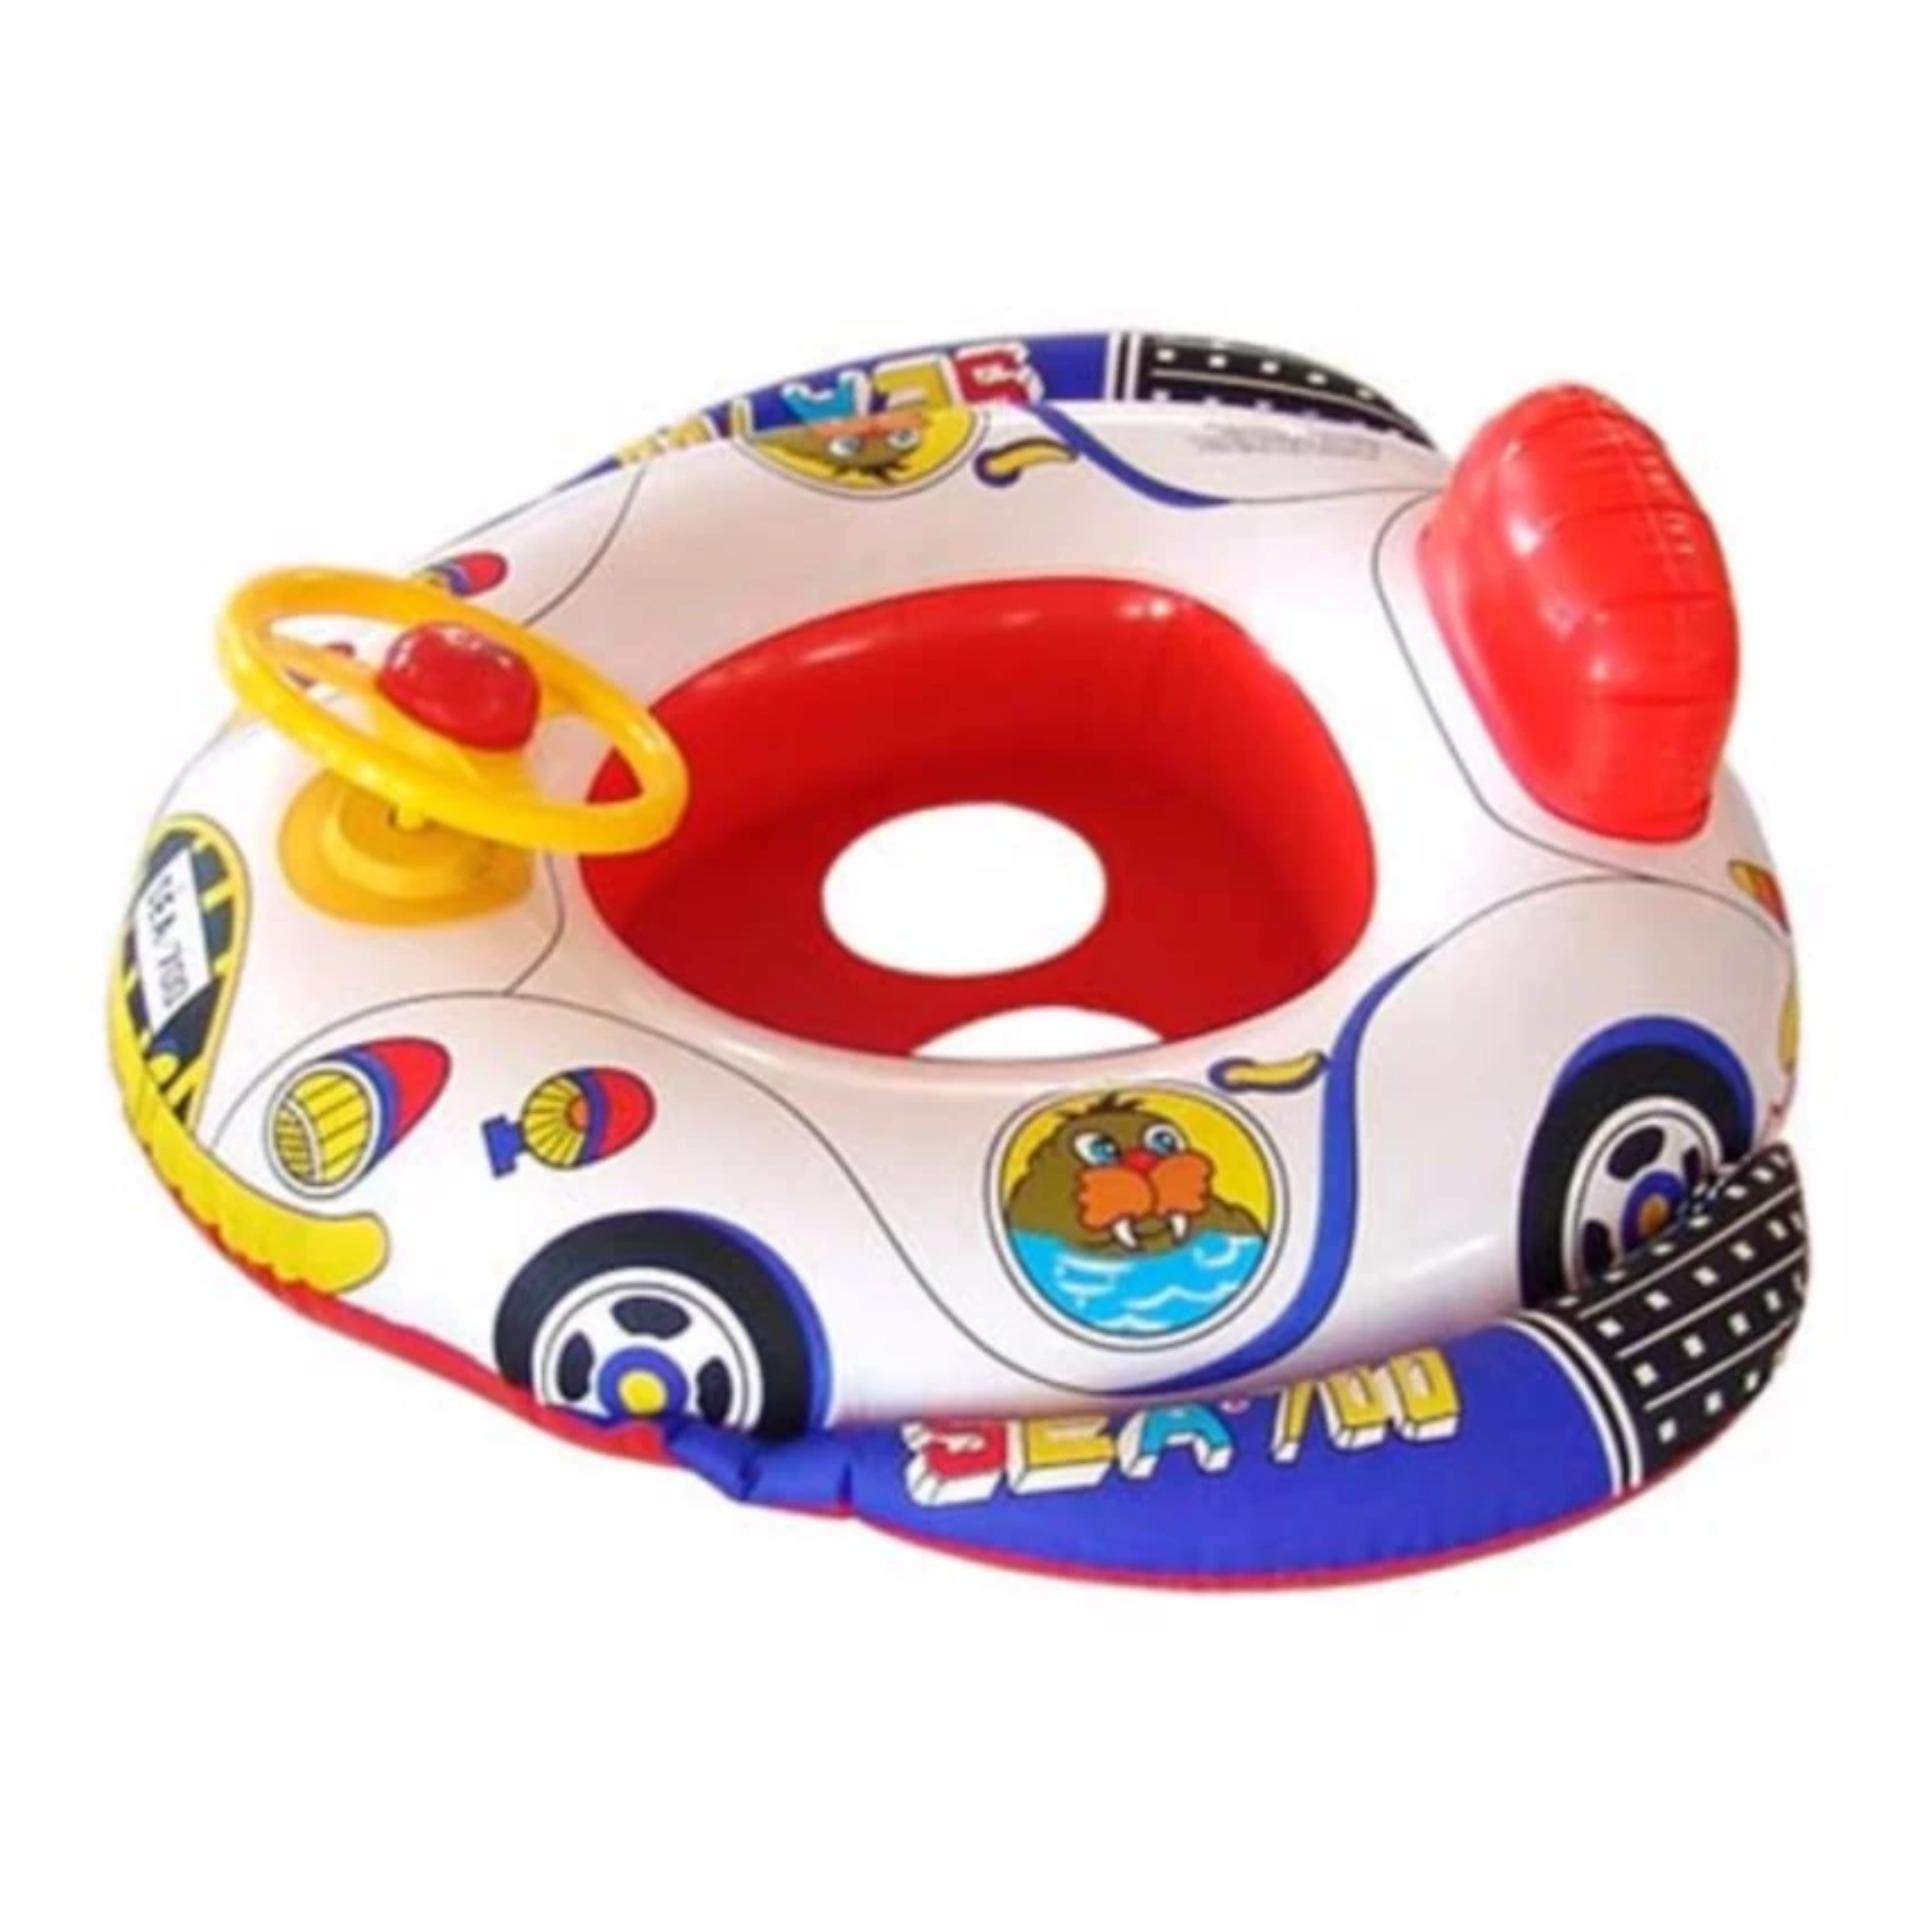 Harga Pelampung Renang Duduk Anak Bayi Baby Boat Setir Yg Bagus